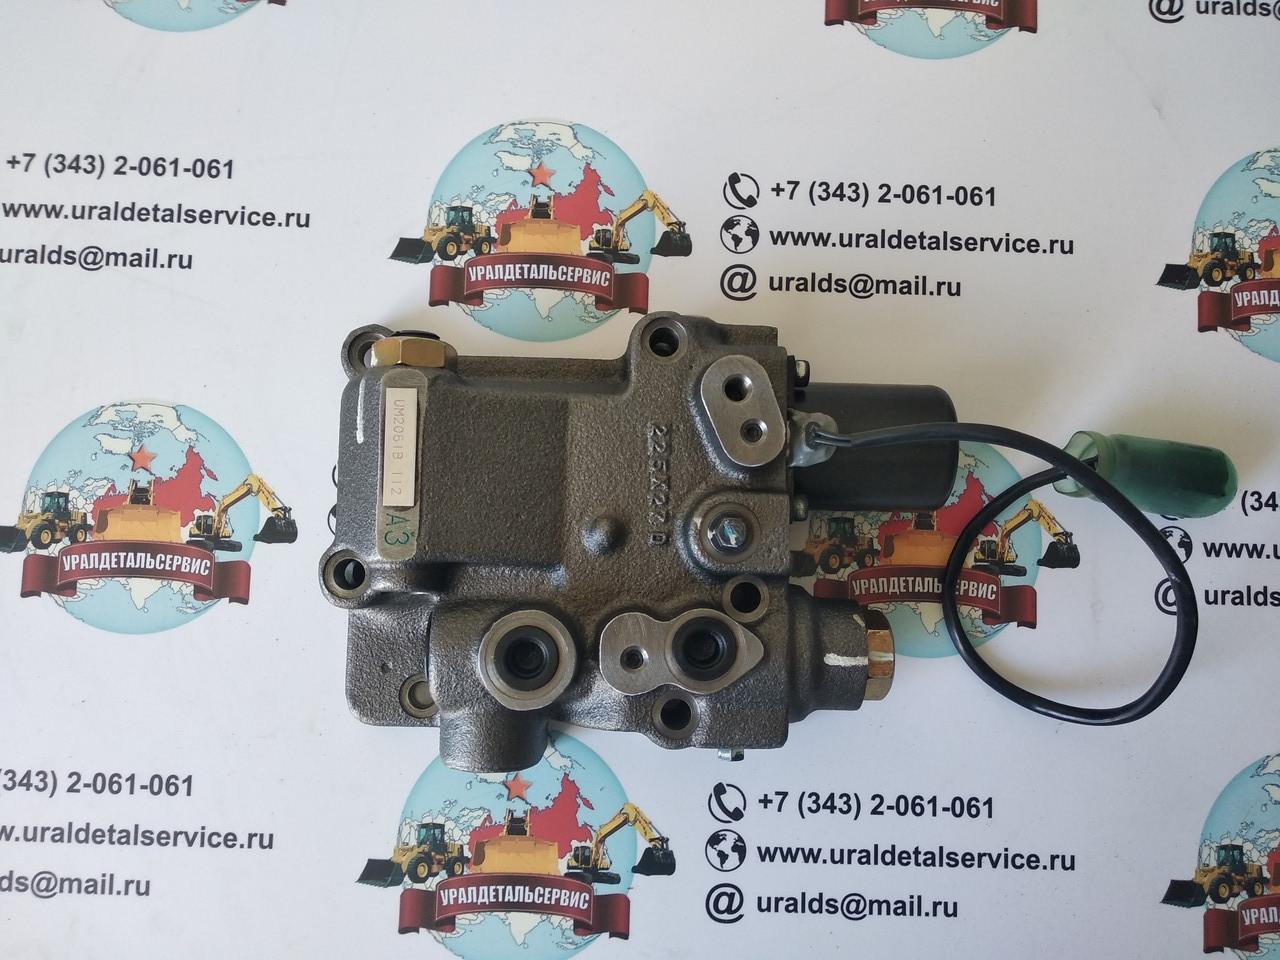 Servoklapan-708-2L-03604-Komatsu-PC200-6Z-PC200LC-6Z